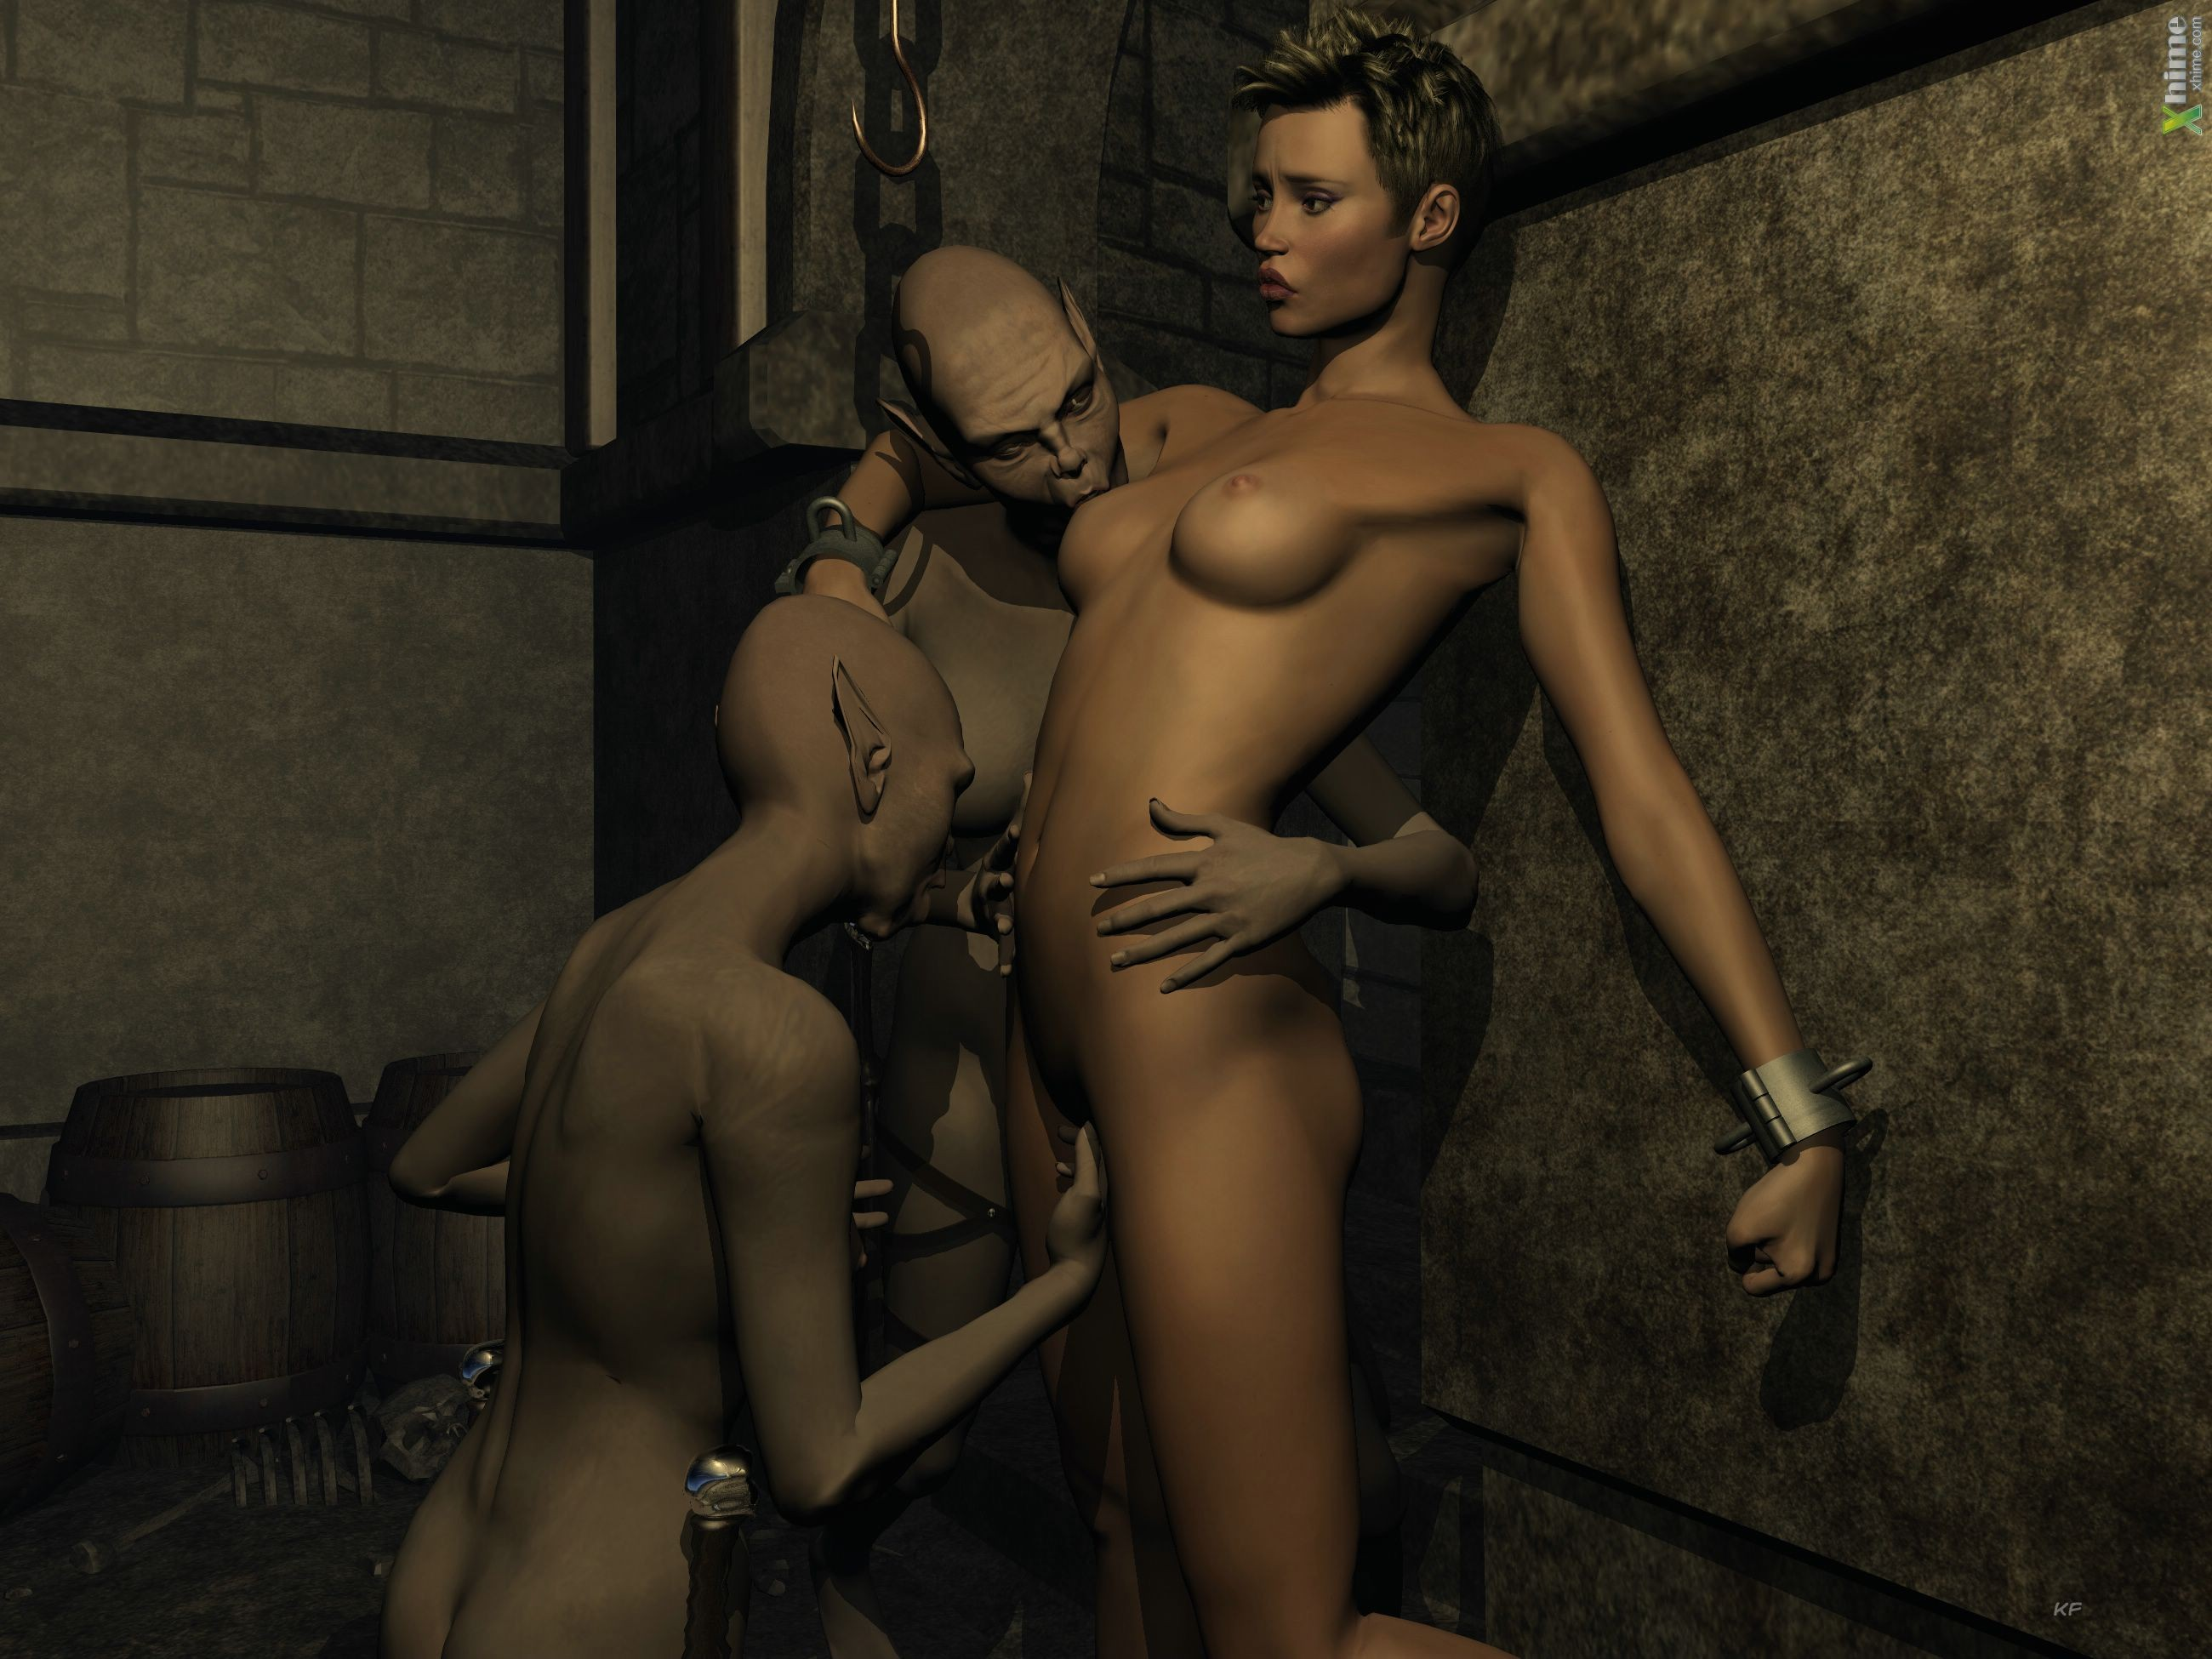 Секс с деманом мультик 18 фотография